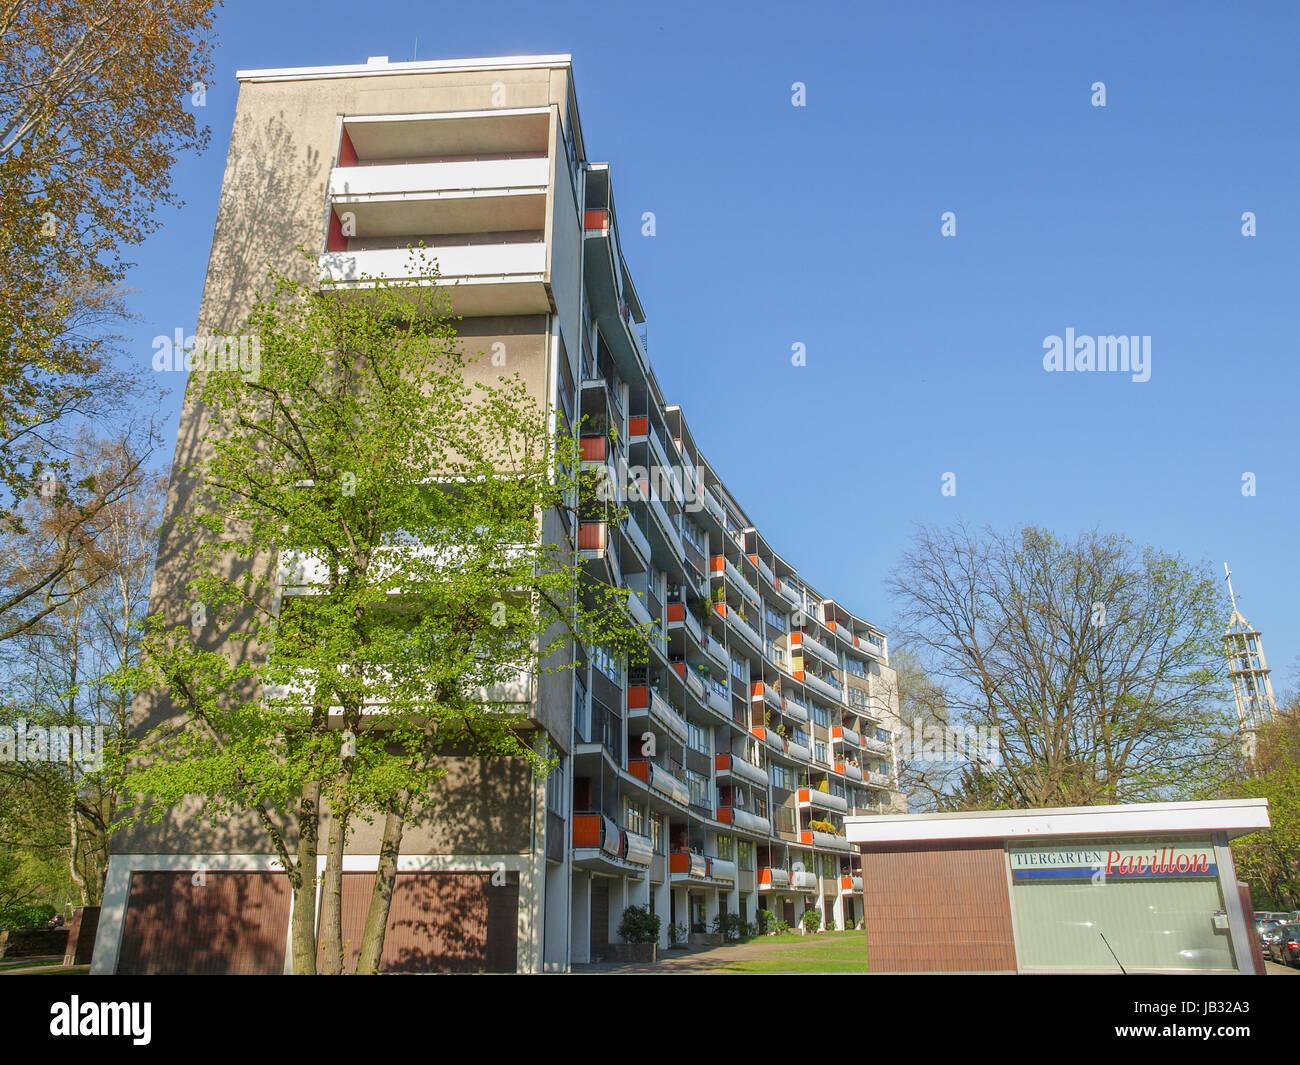 BERLIN, Deutschland - 25. April 2010: Das Hansaviertel Interbau ist ...